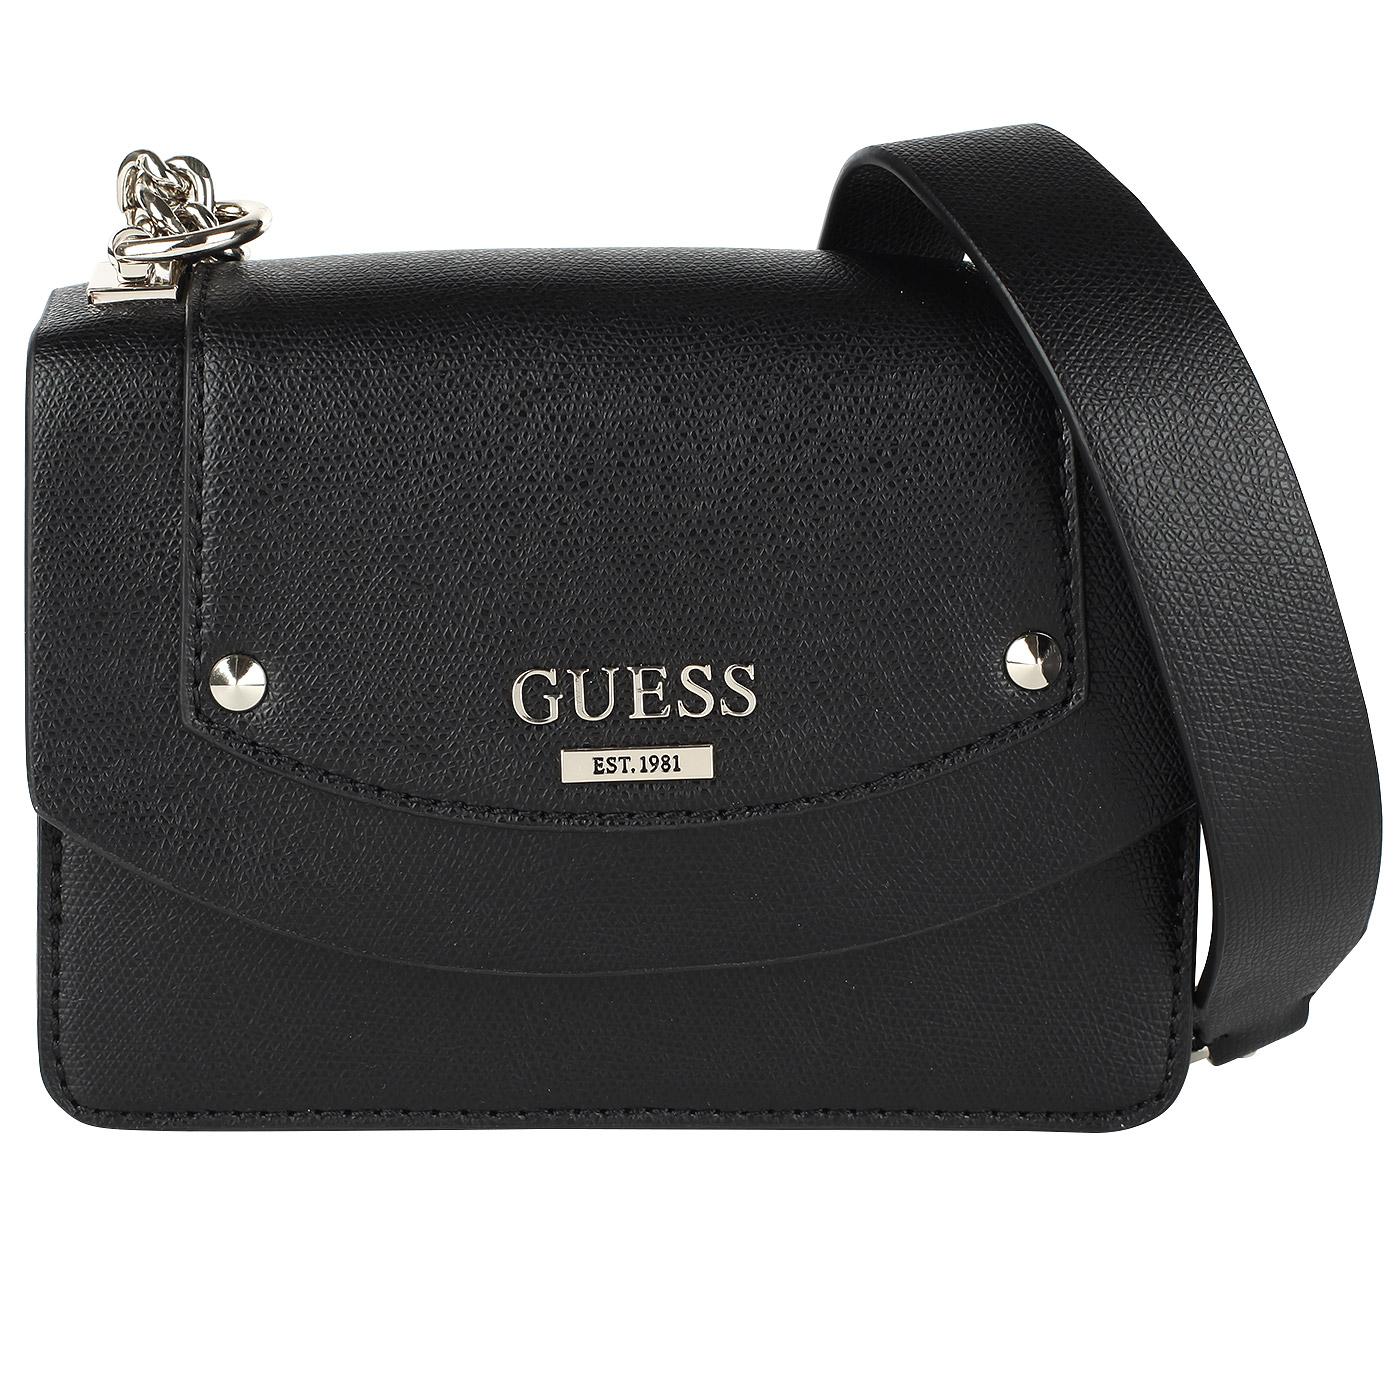 12275599a505 ... Маленькая черная сумочка на цепочке через плечо Guess Cool Mix ...